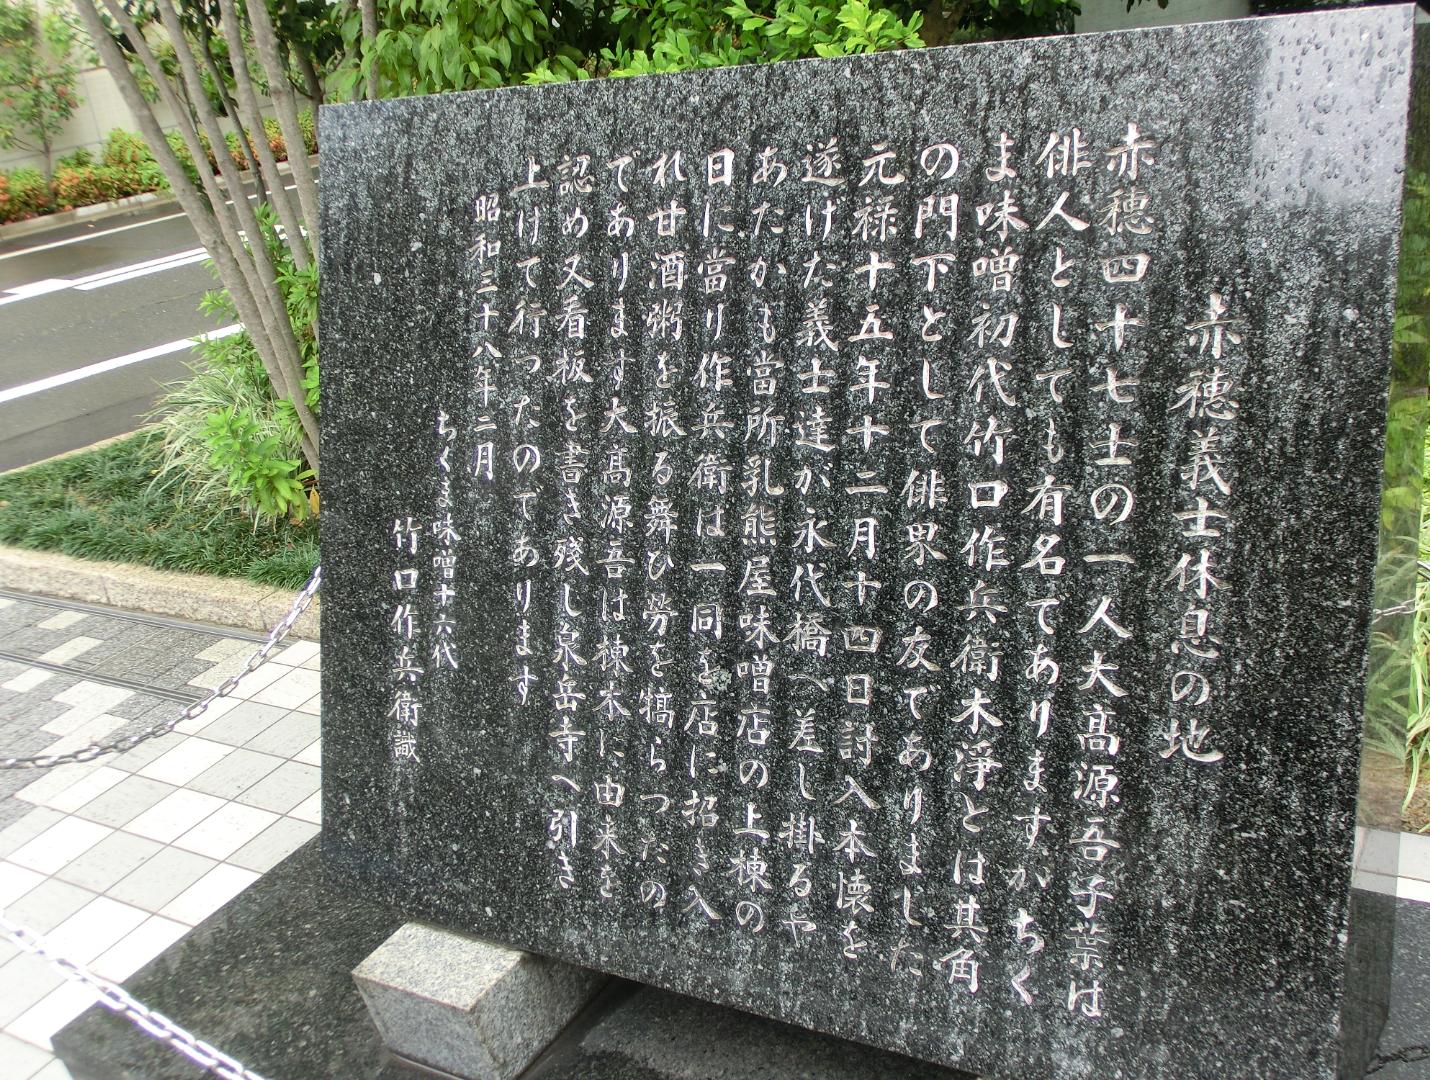 「赤穂義士休息の地」碑2 新川散策1